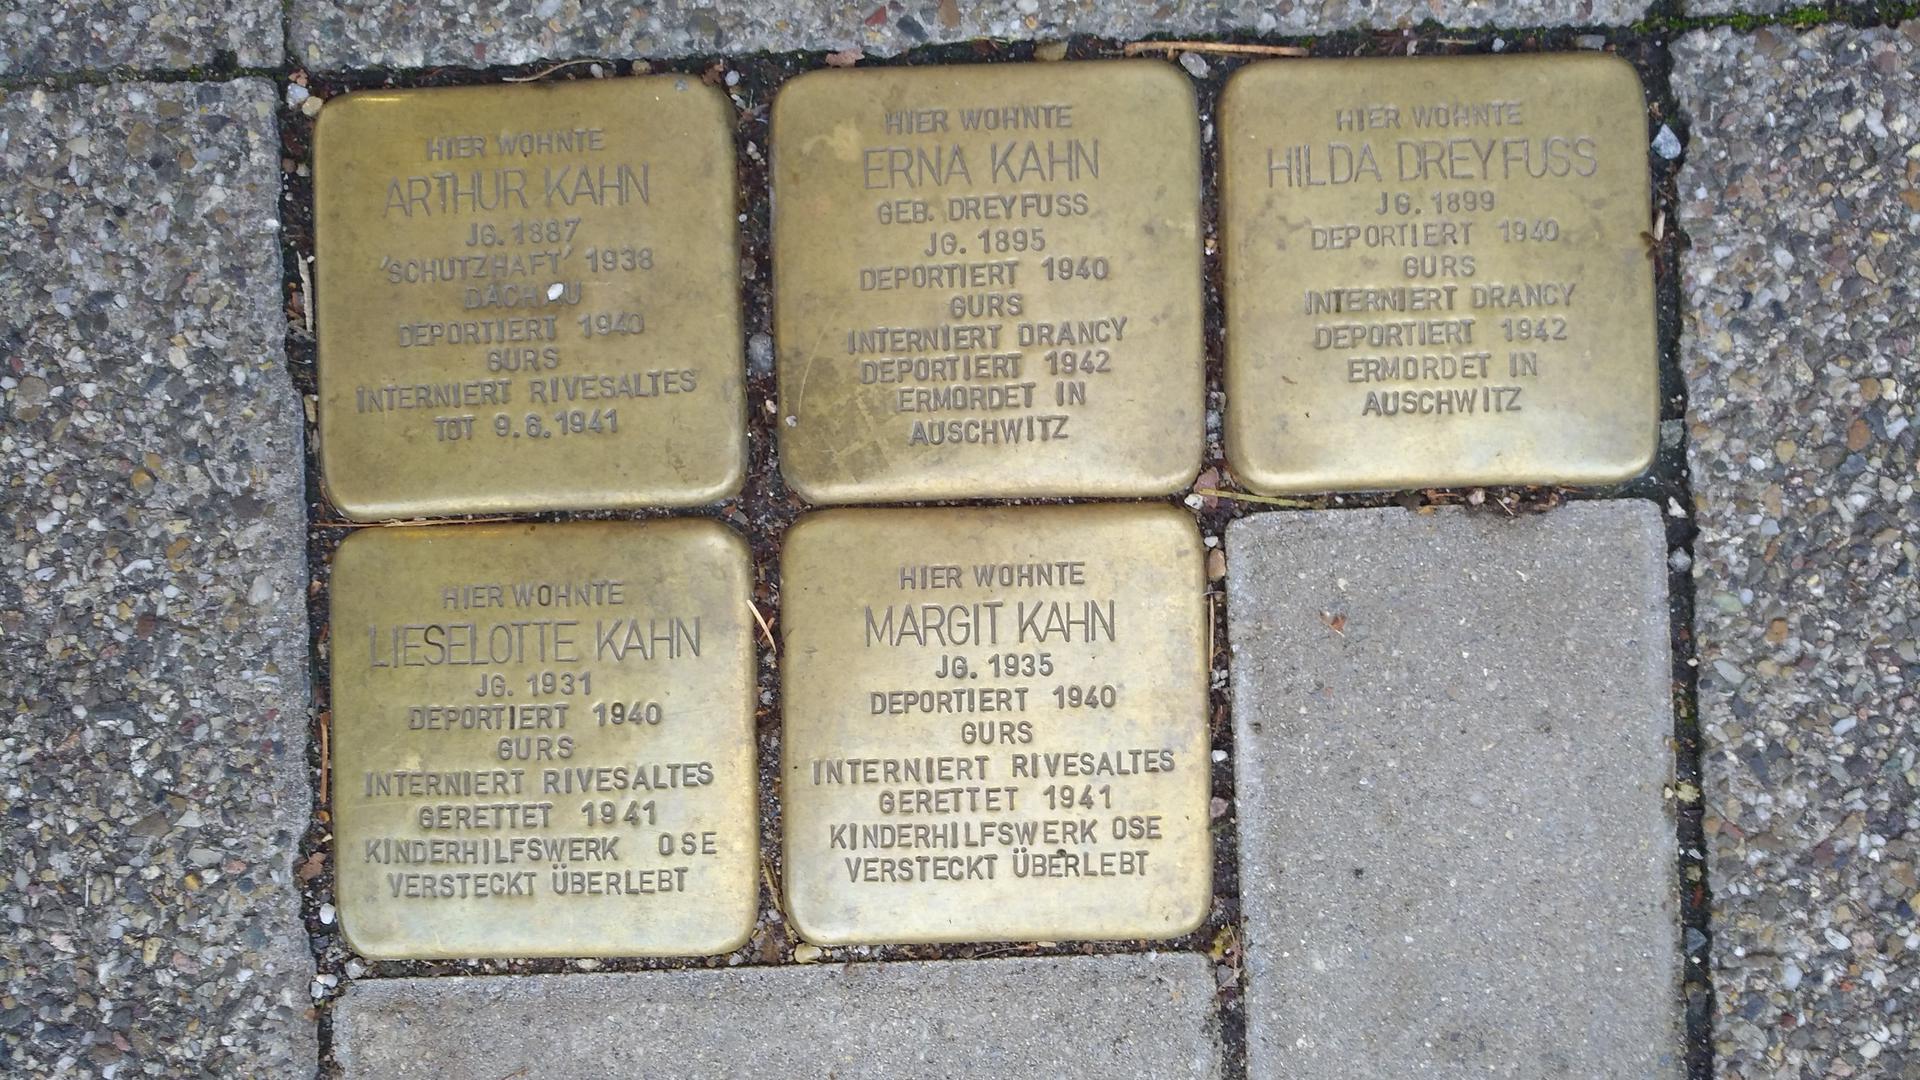 Stolpersteine Kahn: In der Bleichstraße 4 sind für die jüdische Familie Kahn Stolpersteine angebracht. Nach sechsjähriger Odyssee durch Frankreich fanden die Mädchen Lieselotte und Margit in den USA eine neue Heimat.